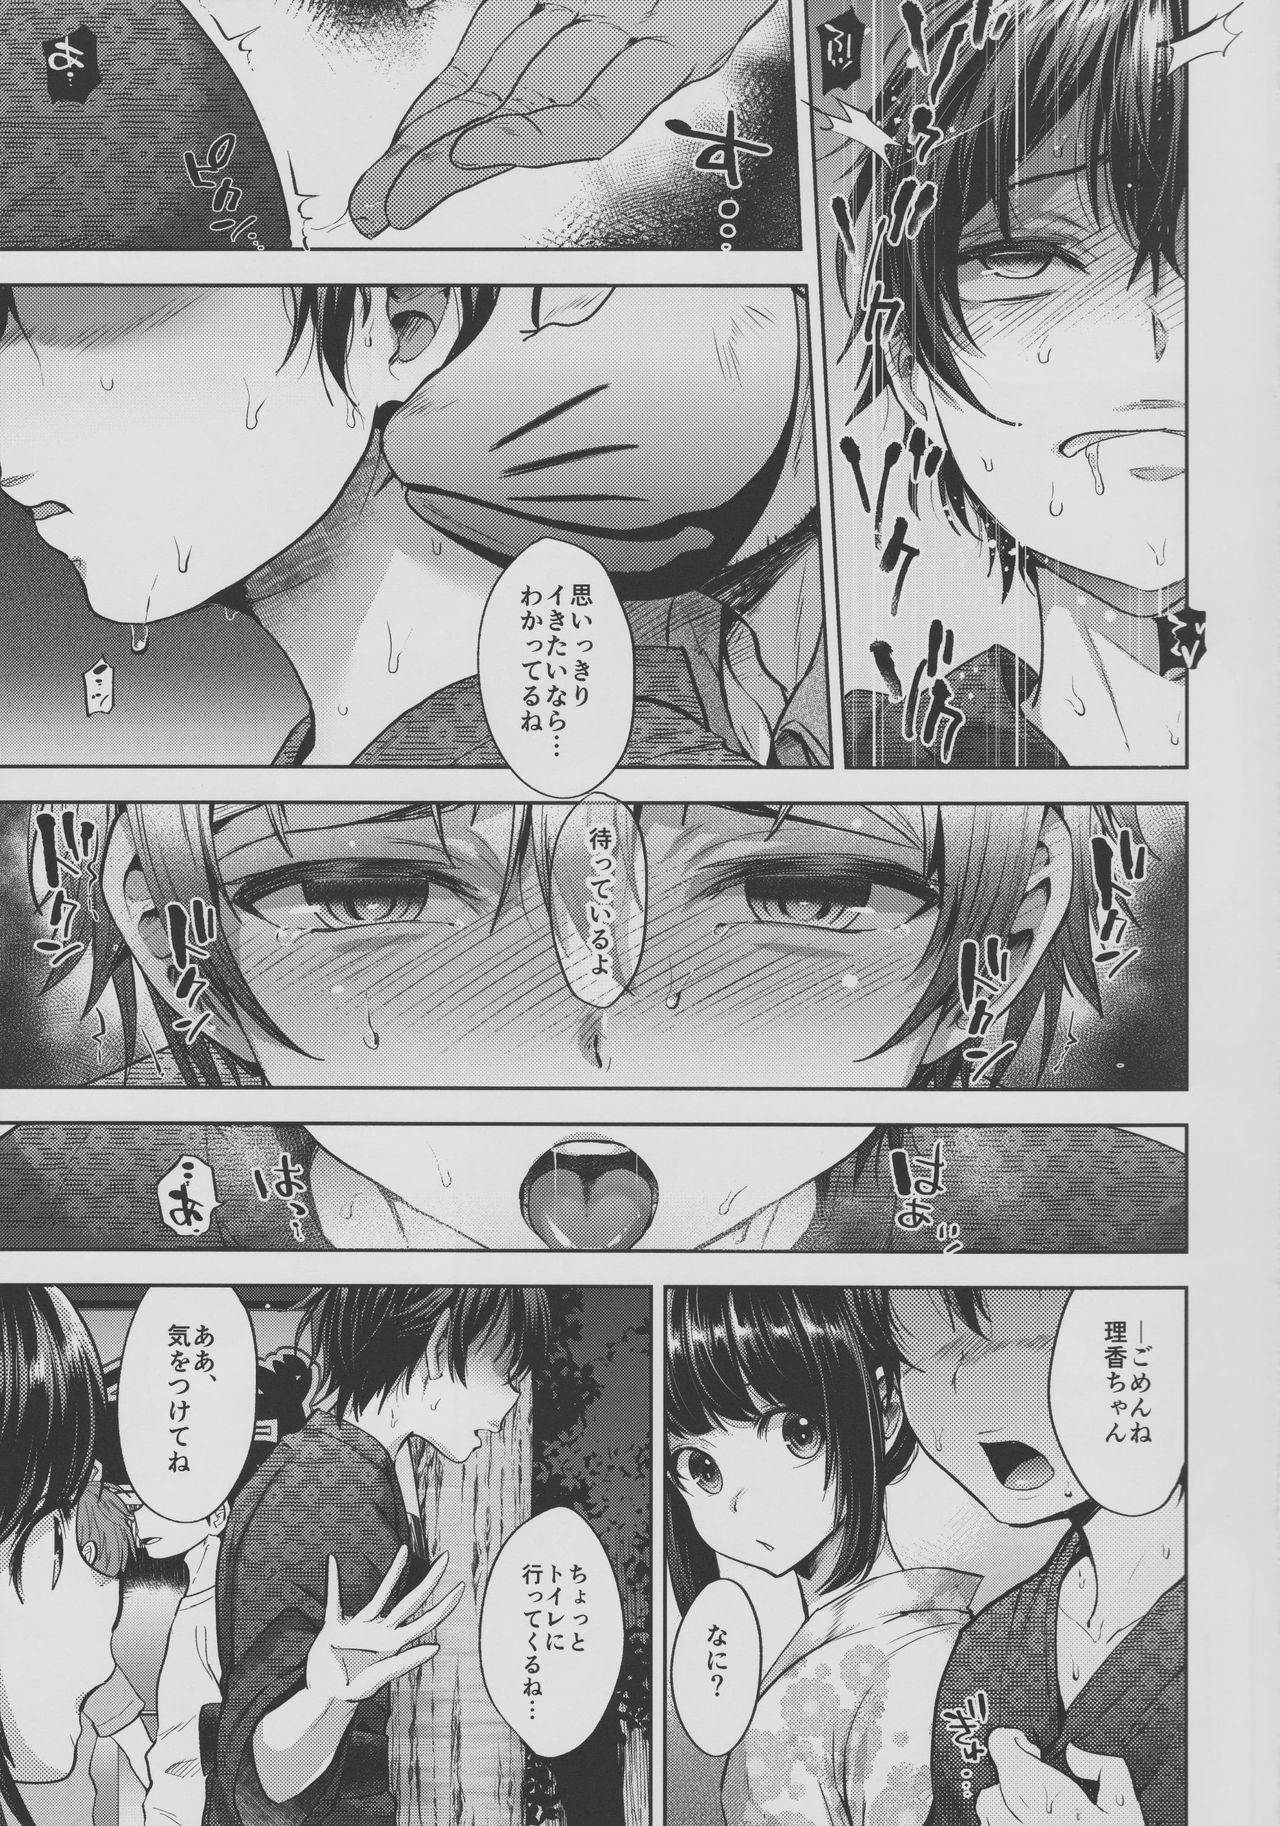 Hanabi no Yoru no Himitsu 15